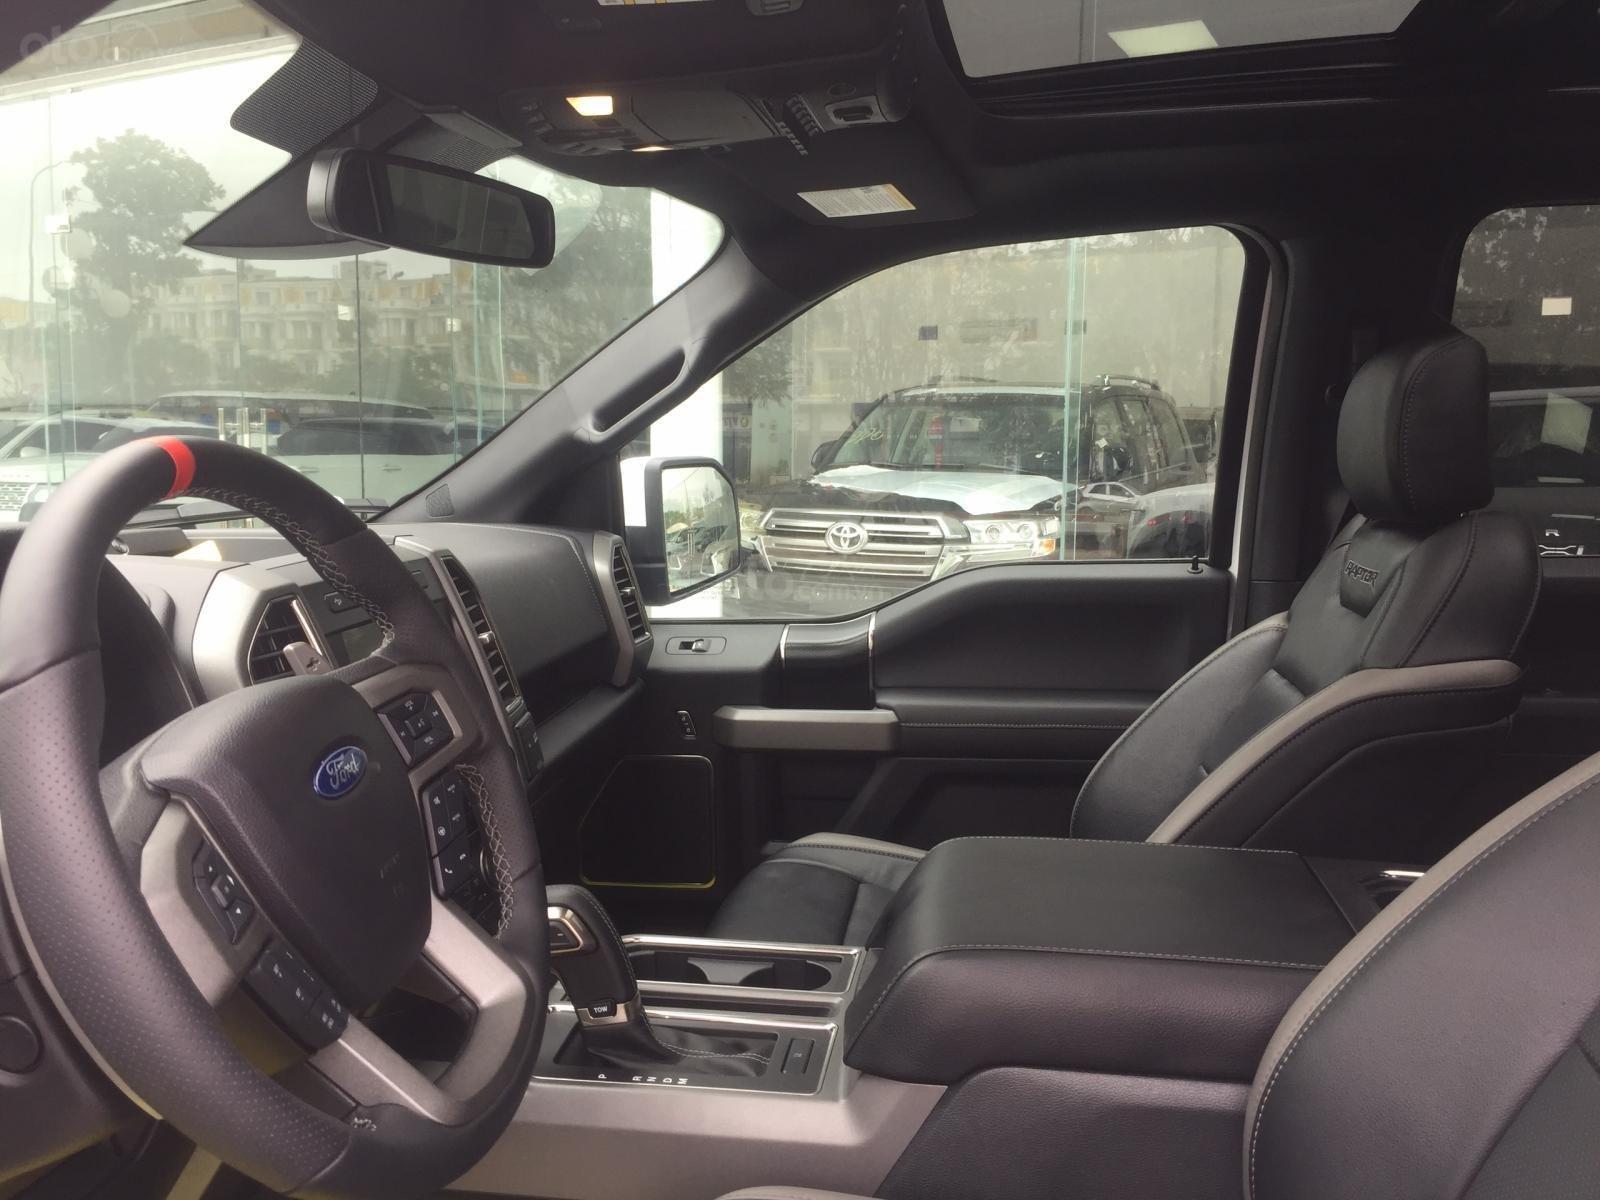 Bán siêu bán tải Ford F150 Raptor sản xuất 2020, LH Ms Hương giá tốt, giao ngay toàn quốc (17)